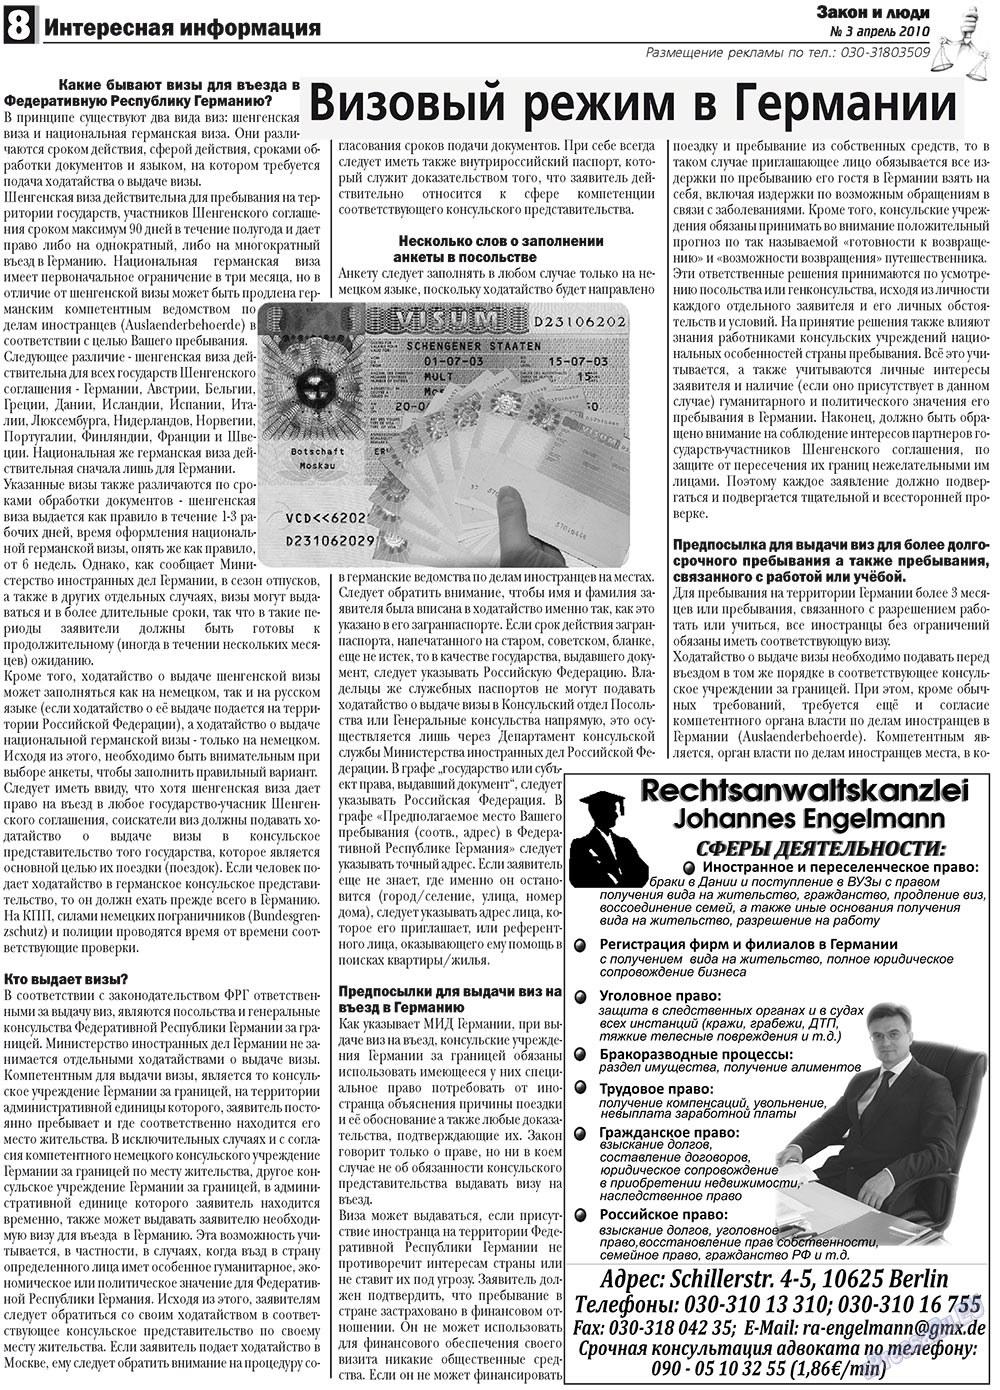 Закон и люди (газета). 2010 год, номер 3, стр. 8